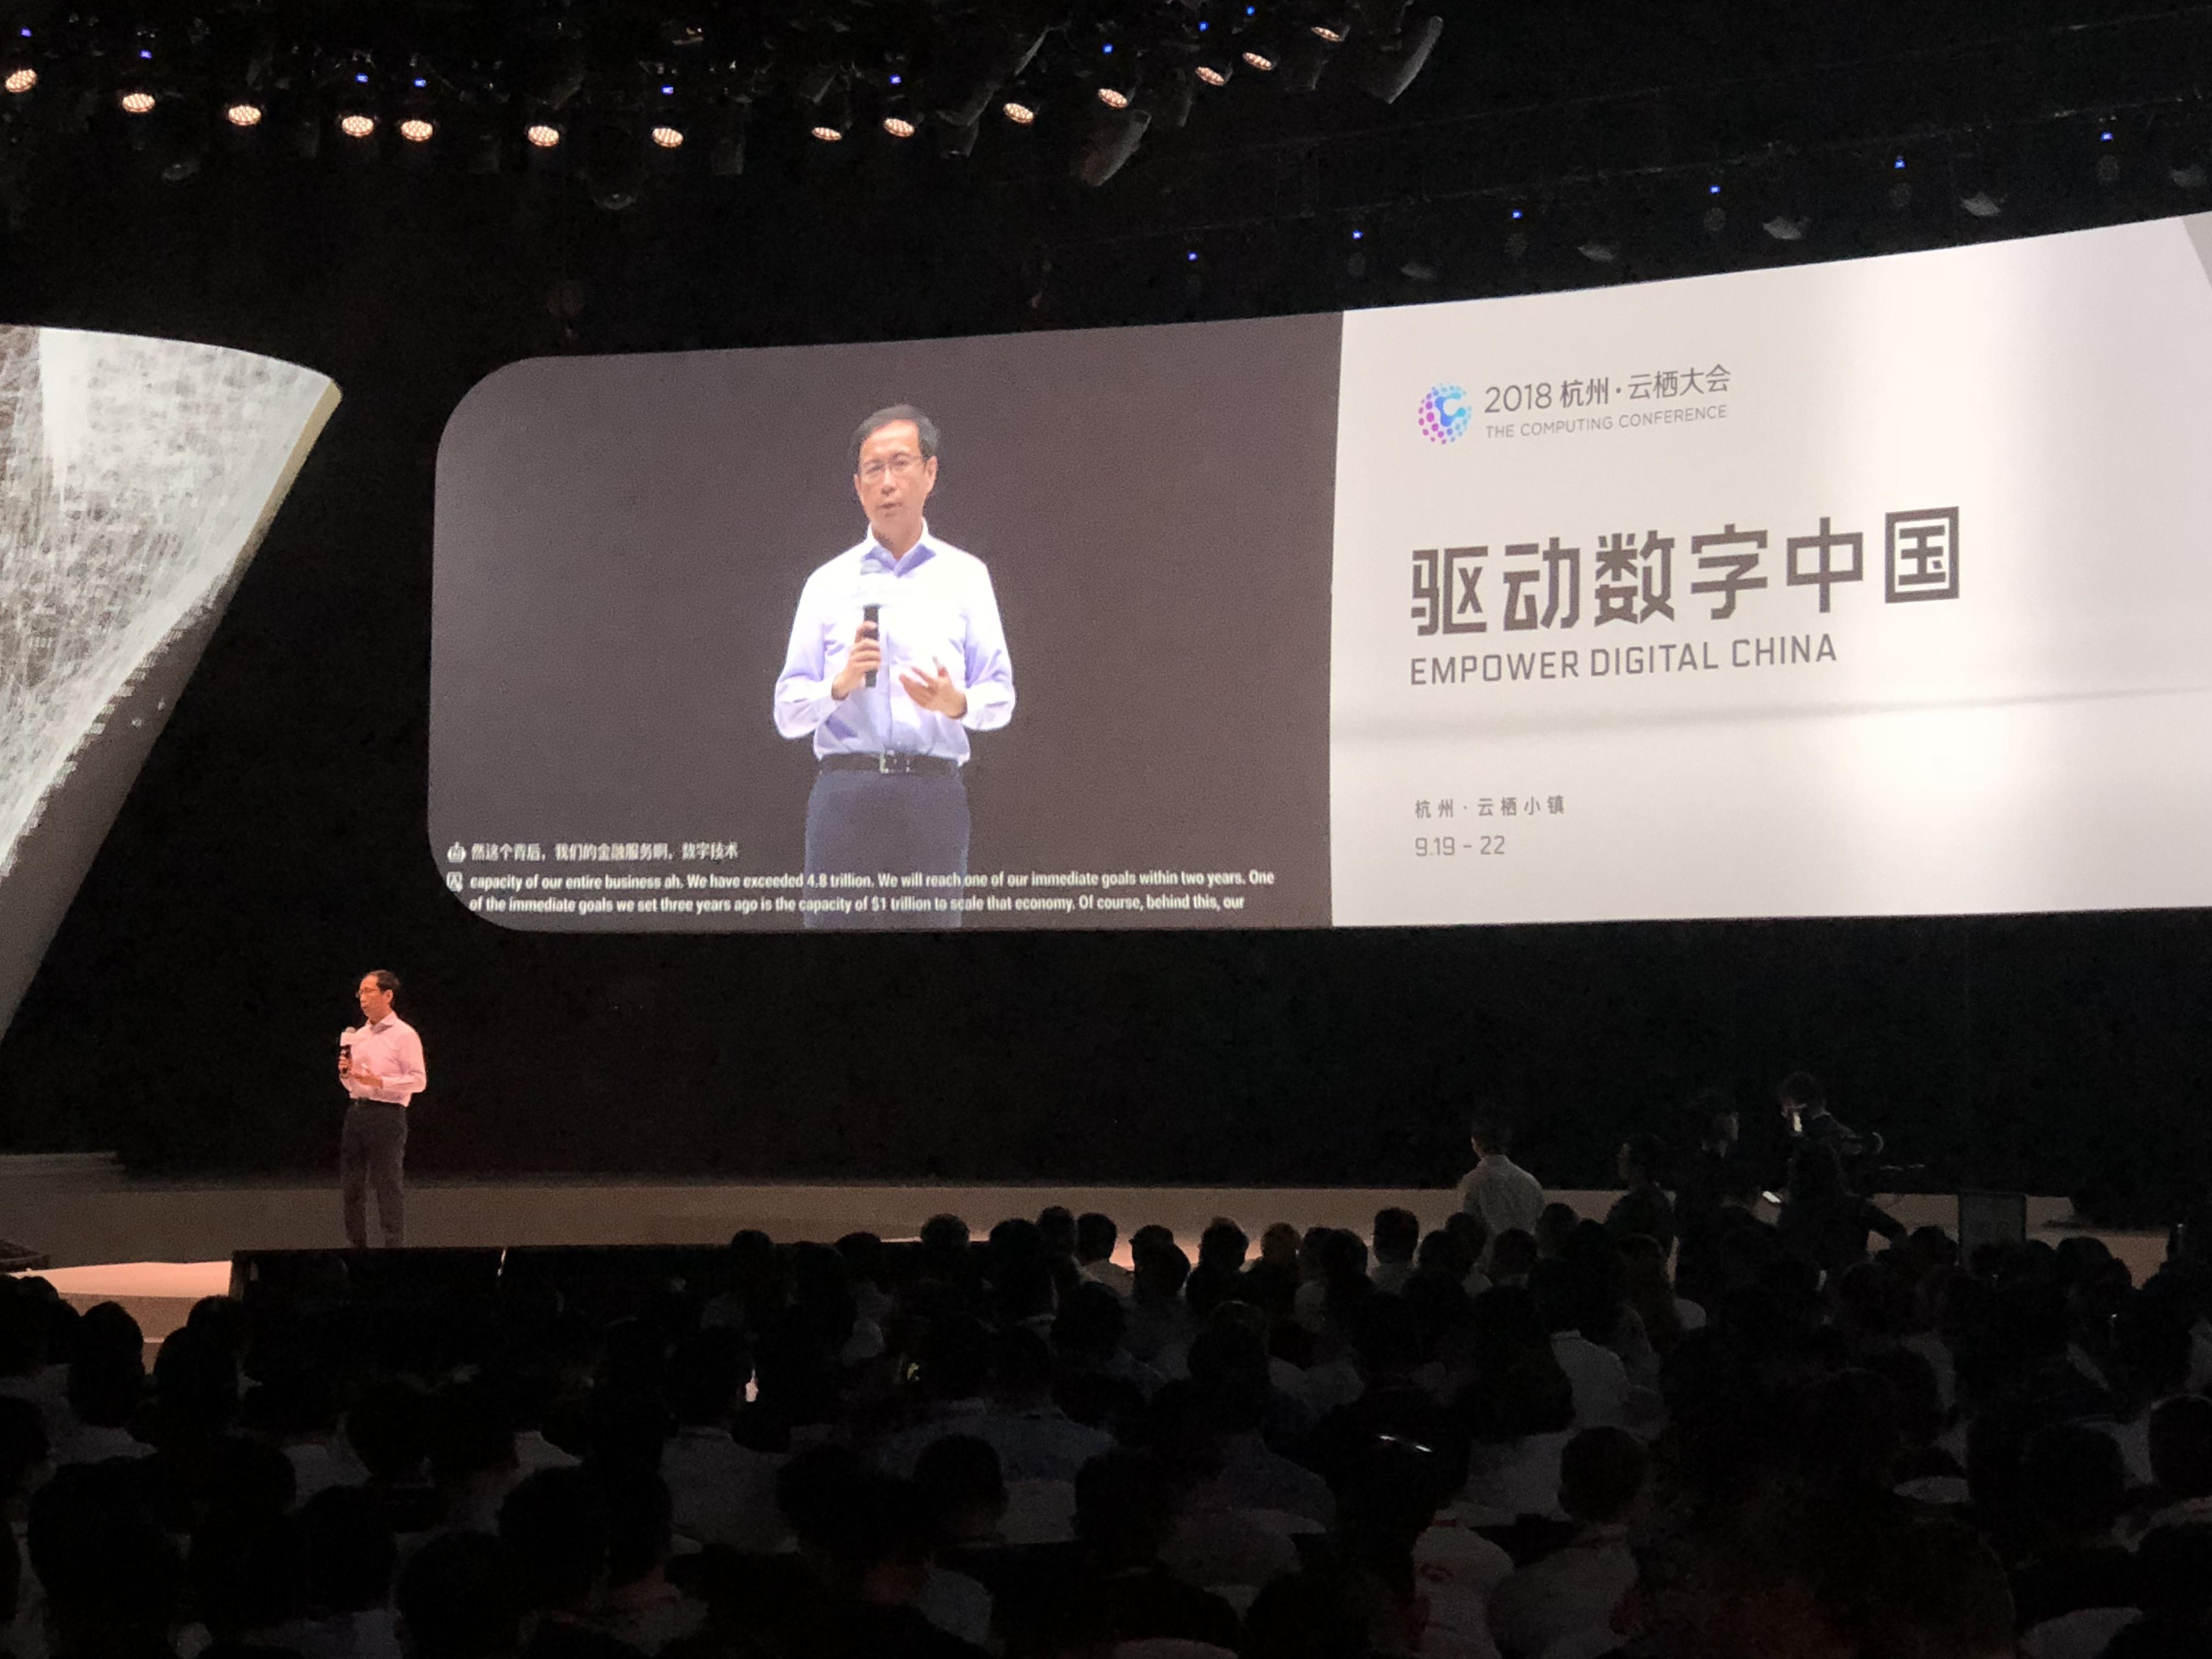 2018云栖大会开幕 已成反映数字中国前进的技术窗口